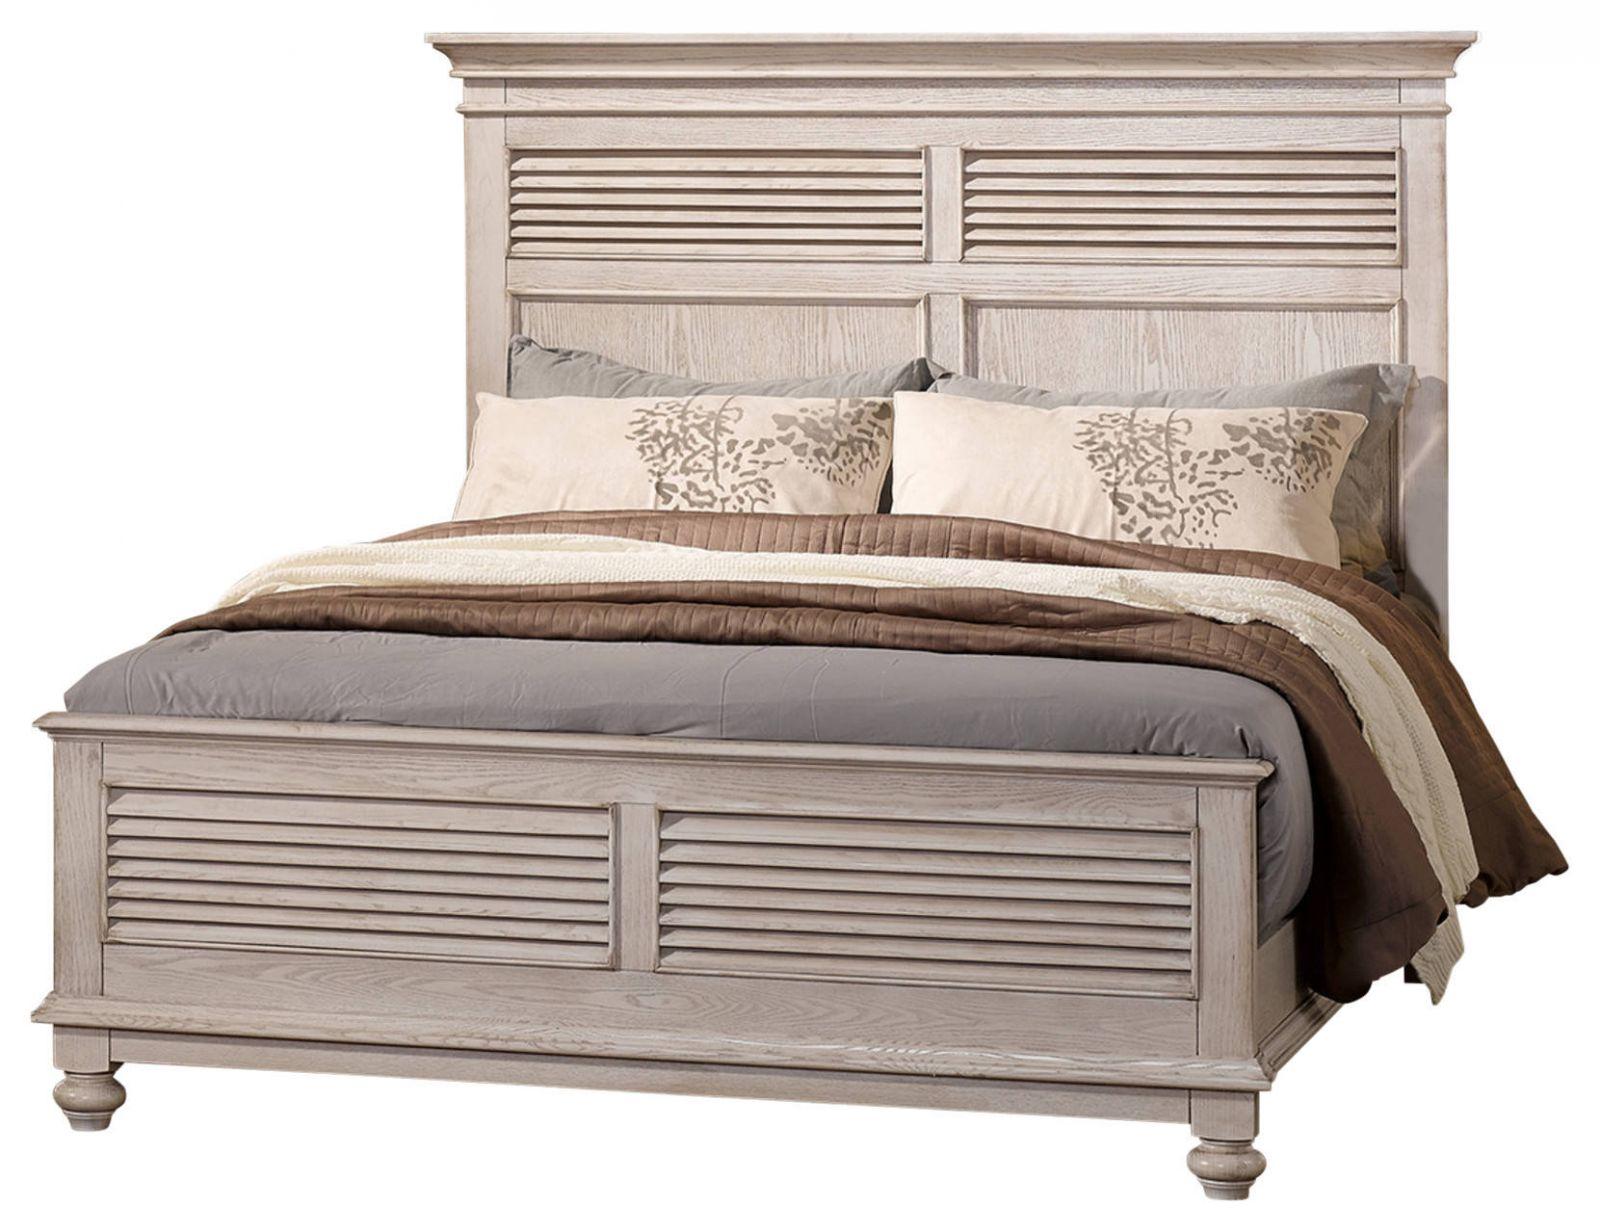 Lakeport II Queen Bed